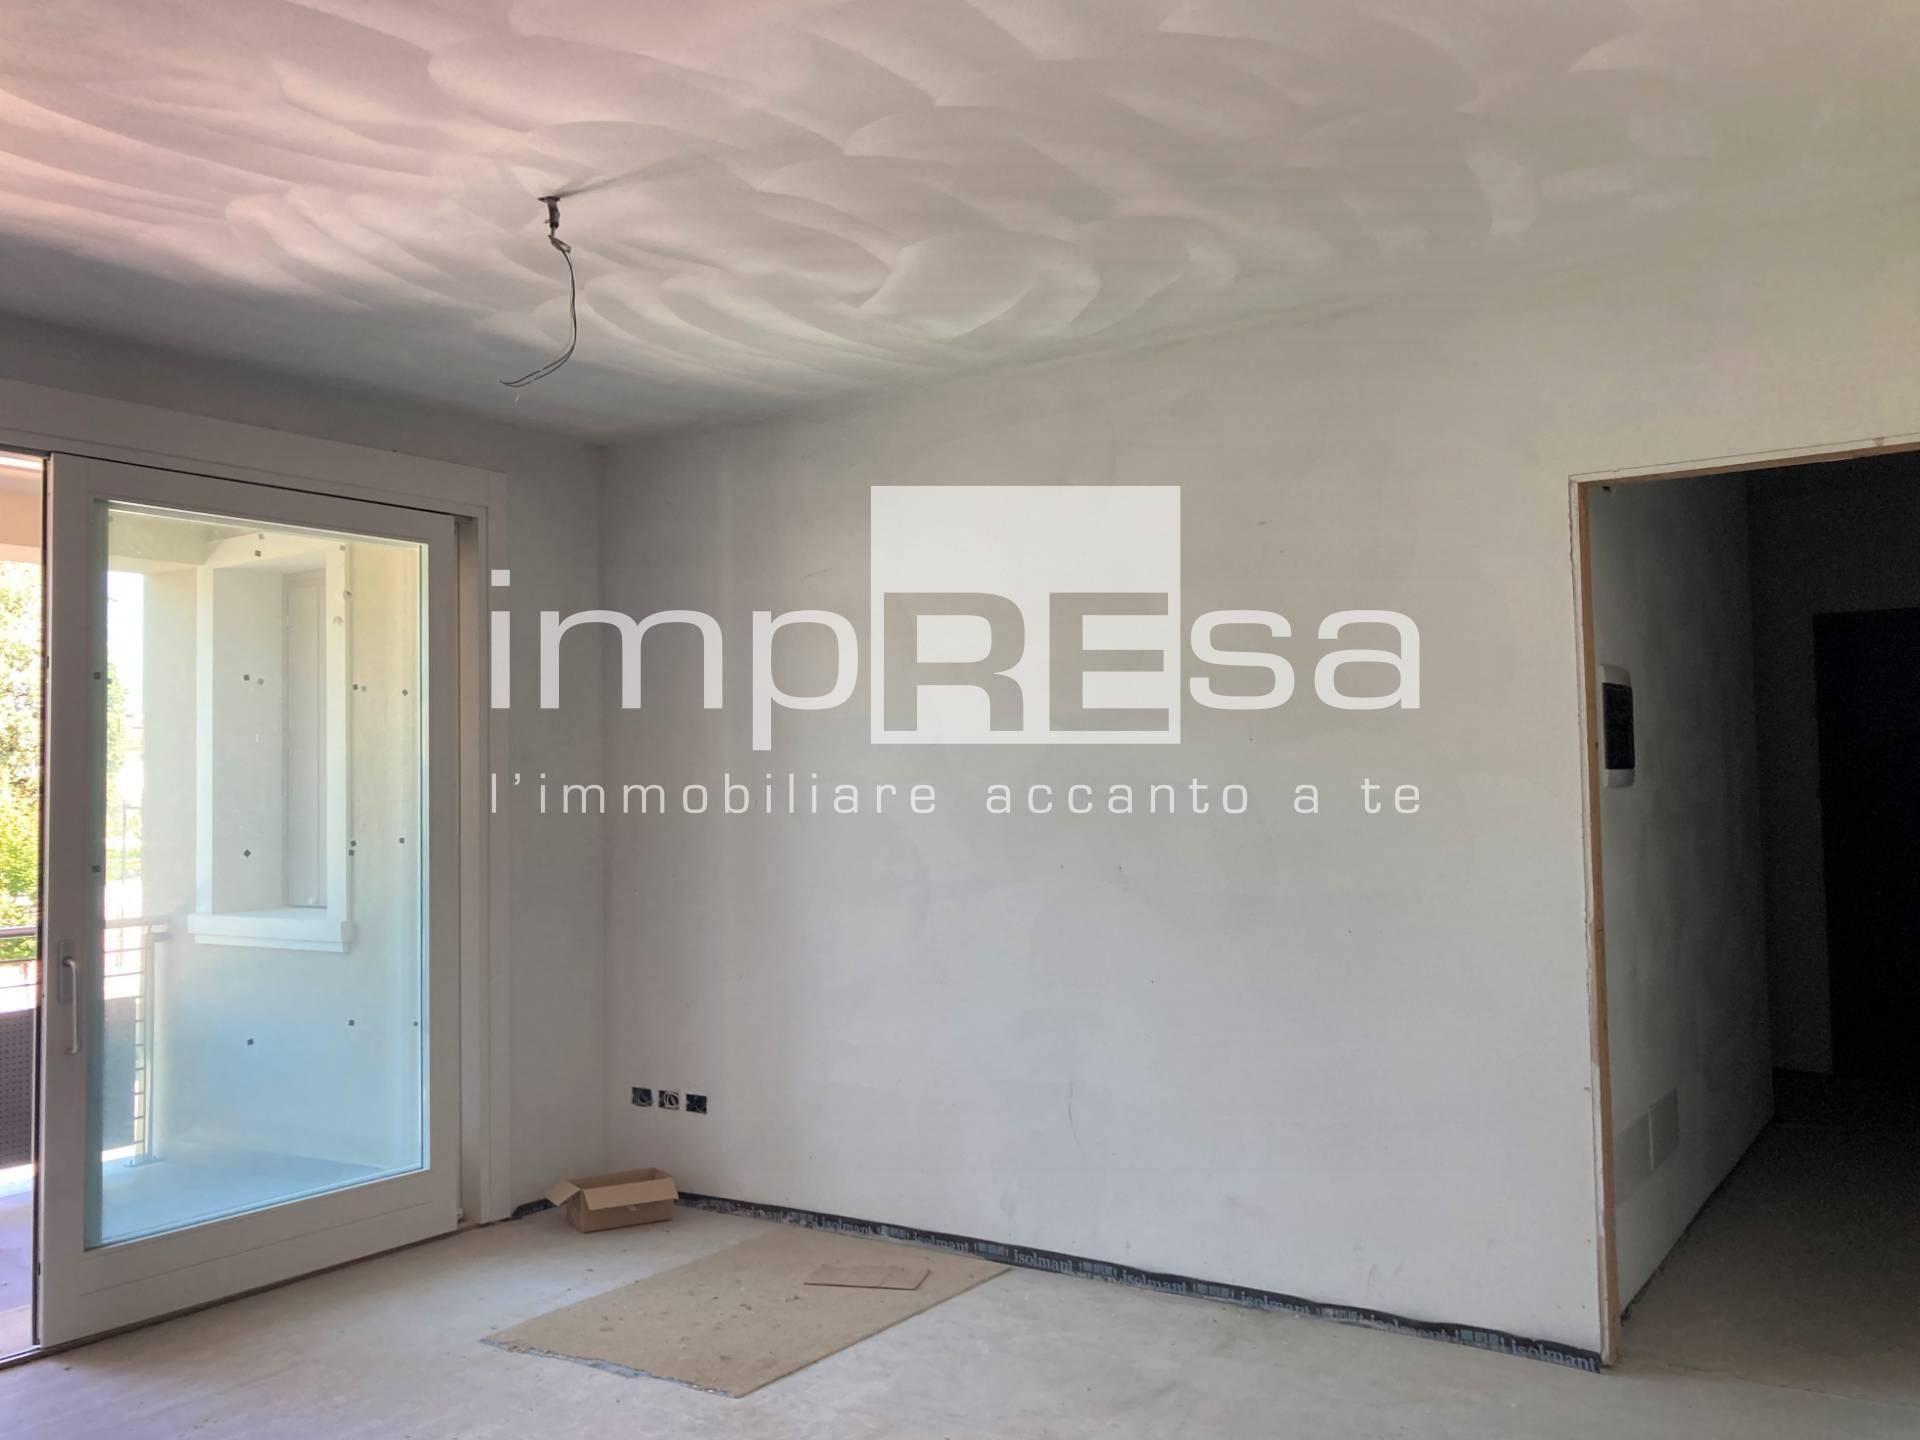 Appartamento in vendita a Santa Lucia di Piave, 5 locali, zona Località: S.aLucia, prezzo € 248.000 | PortaleAgenzieImmobiliari.it